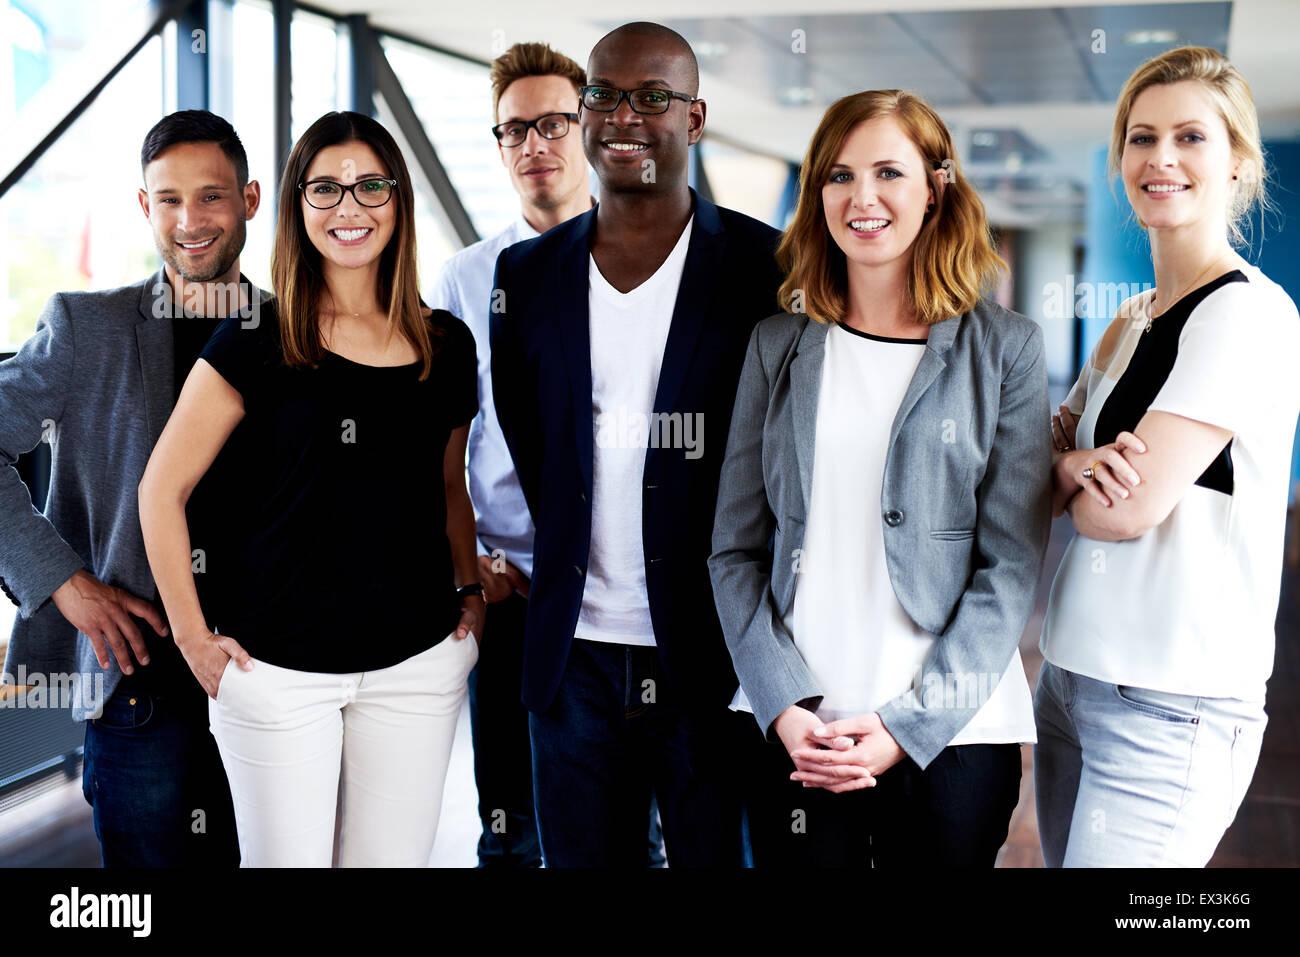 Gruppe von jungen Führungskräften stehen, lächelnd an Kamera und posiert für Bild Stockbild